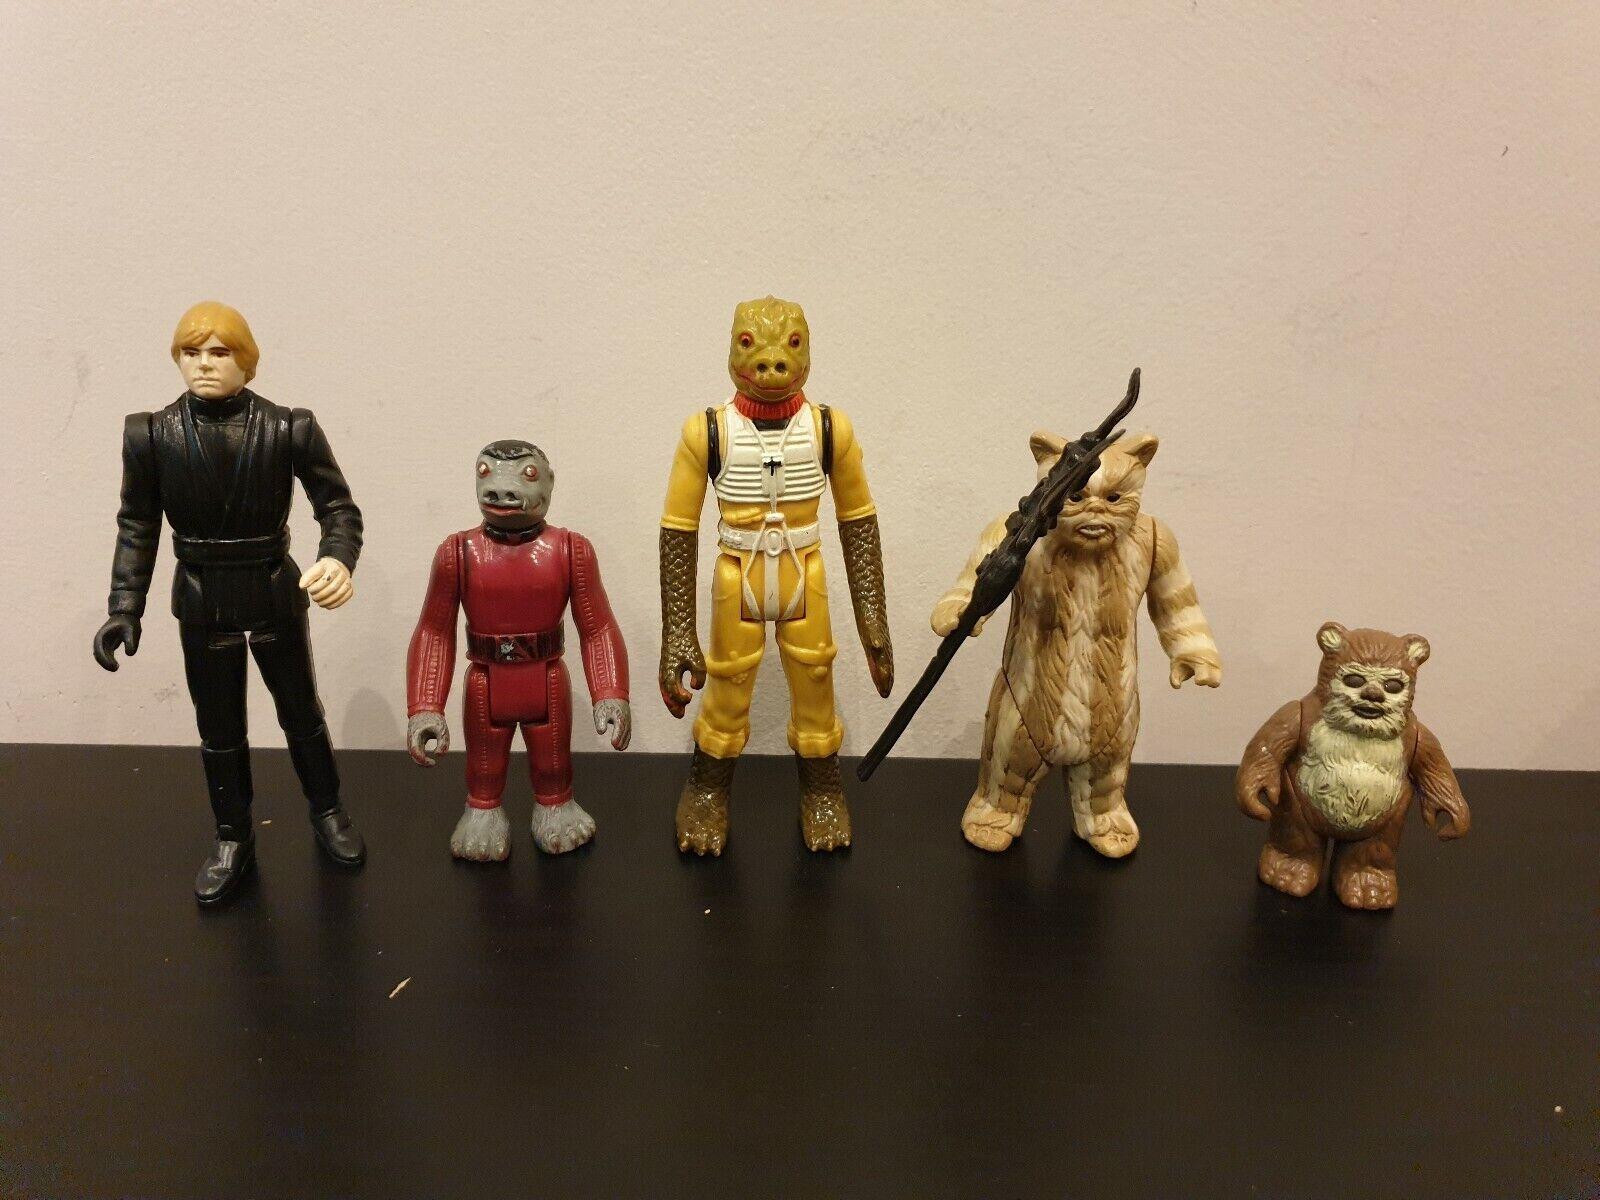 Vintage Star Wars Figures  x5  livraison gratuite et échanges.